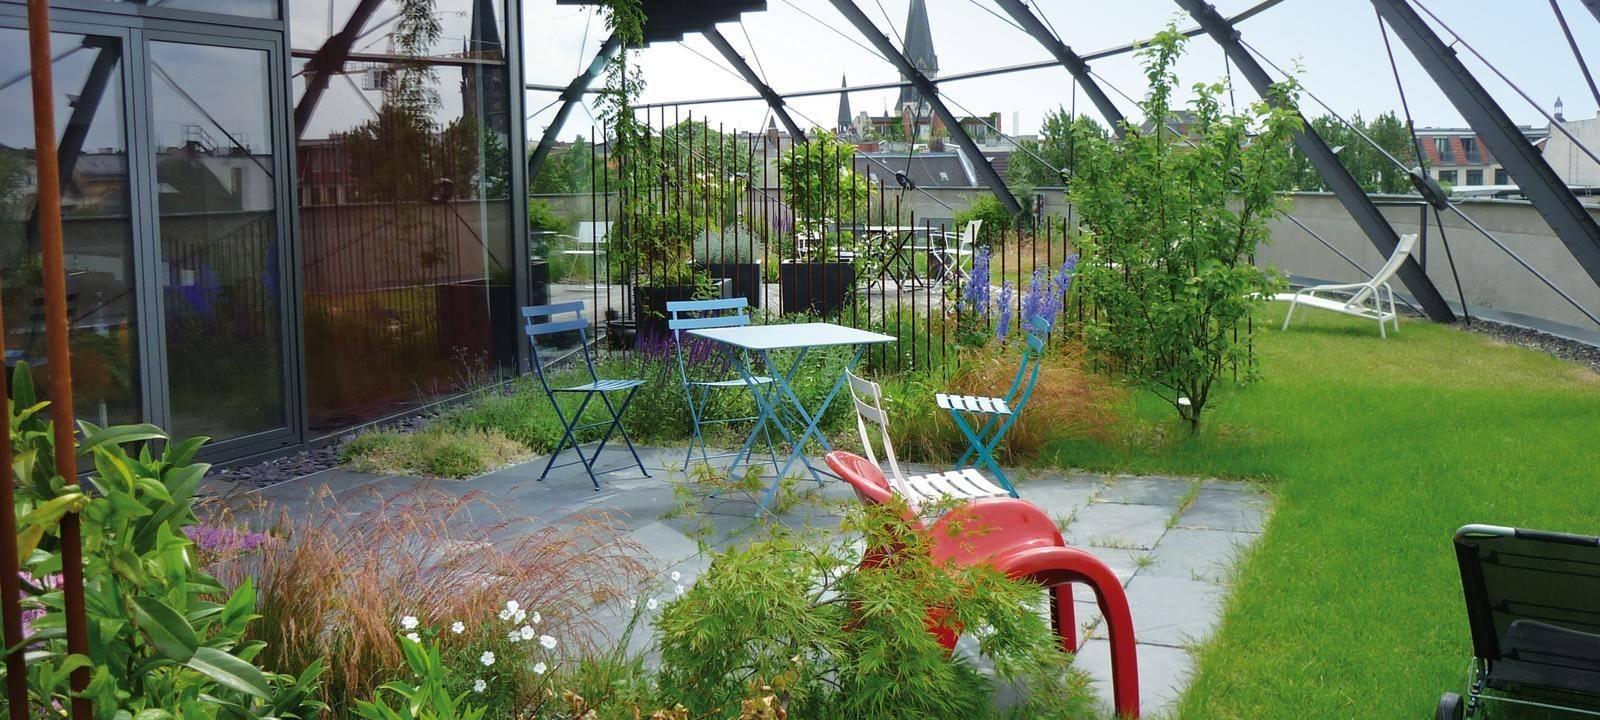 Eine Dachbegrünung sieht schön aus, ein Gründach ist natürlich und eine Dachbegrünung bietet vielfachen Nutzen.